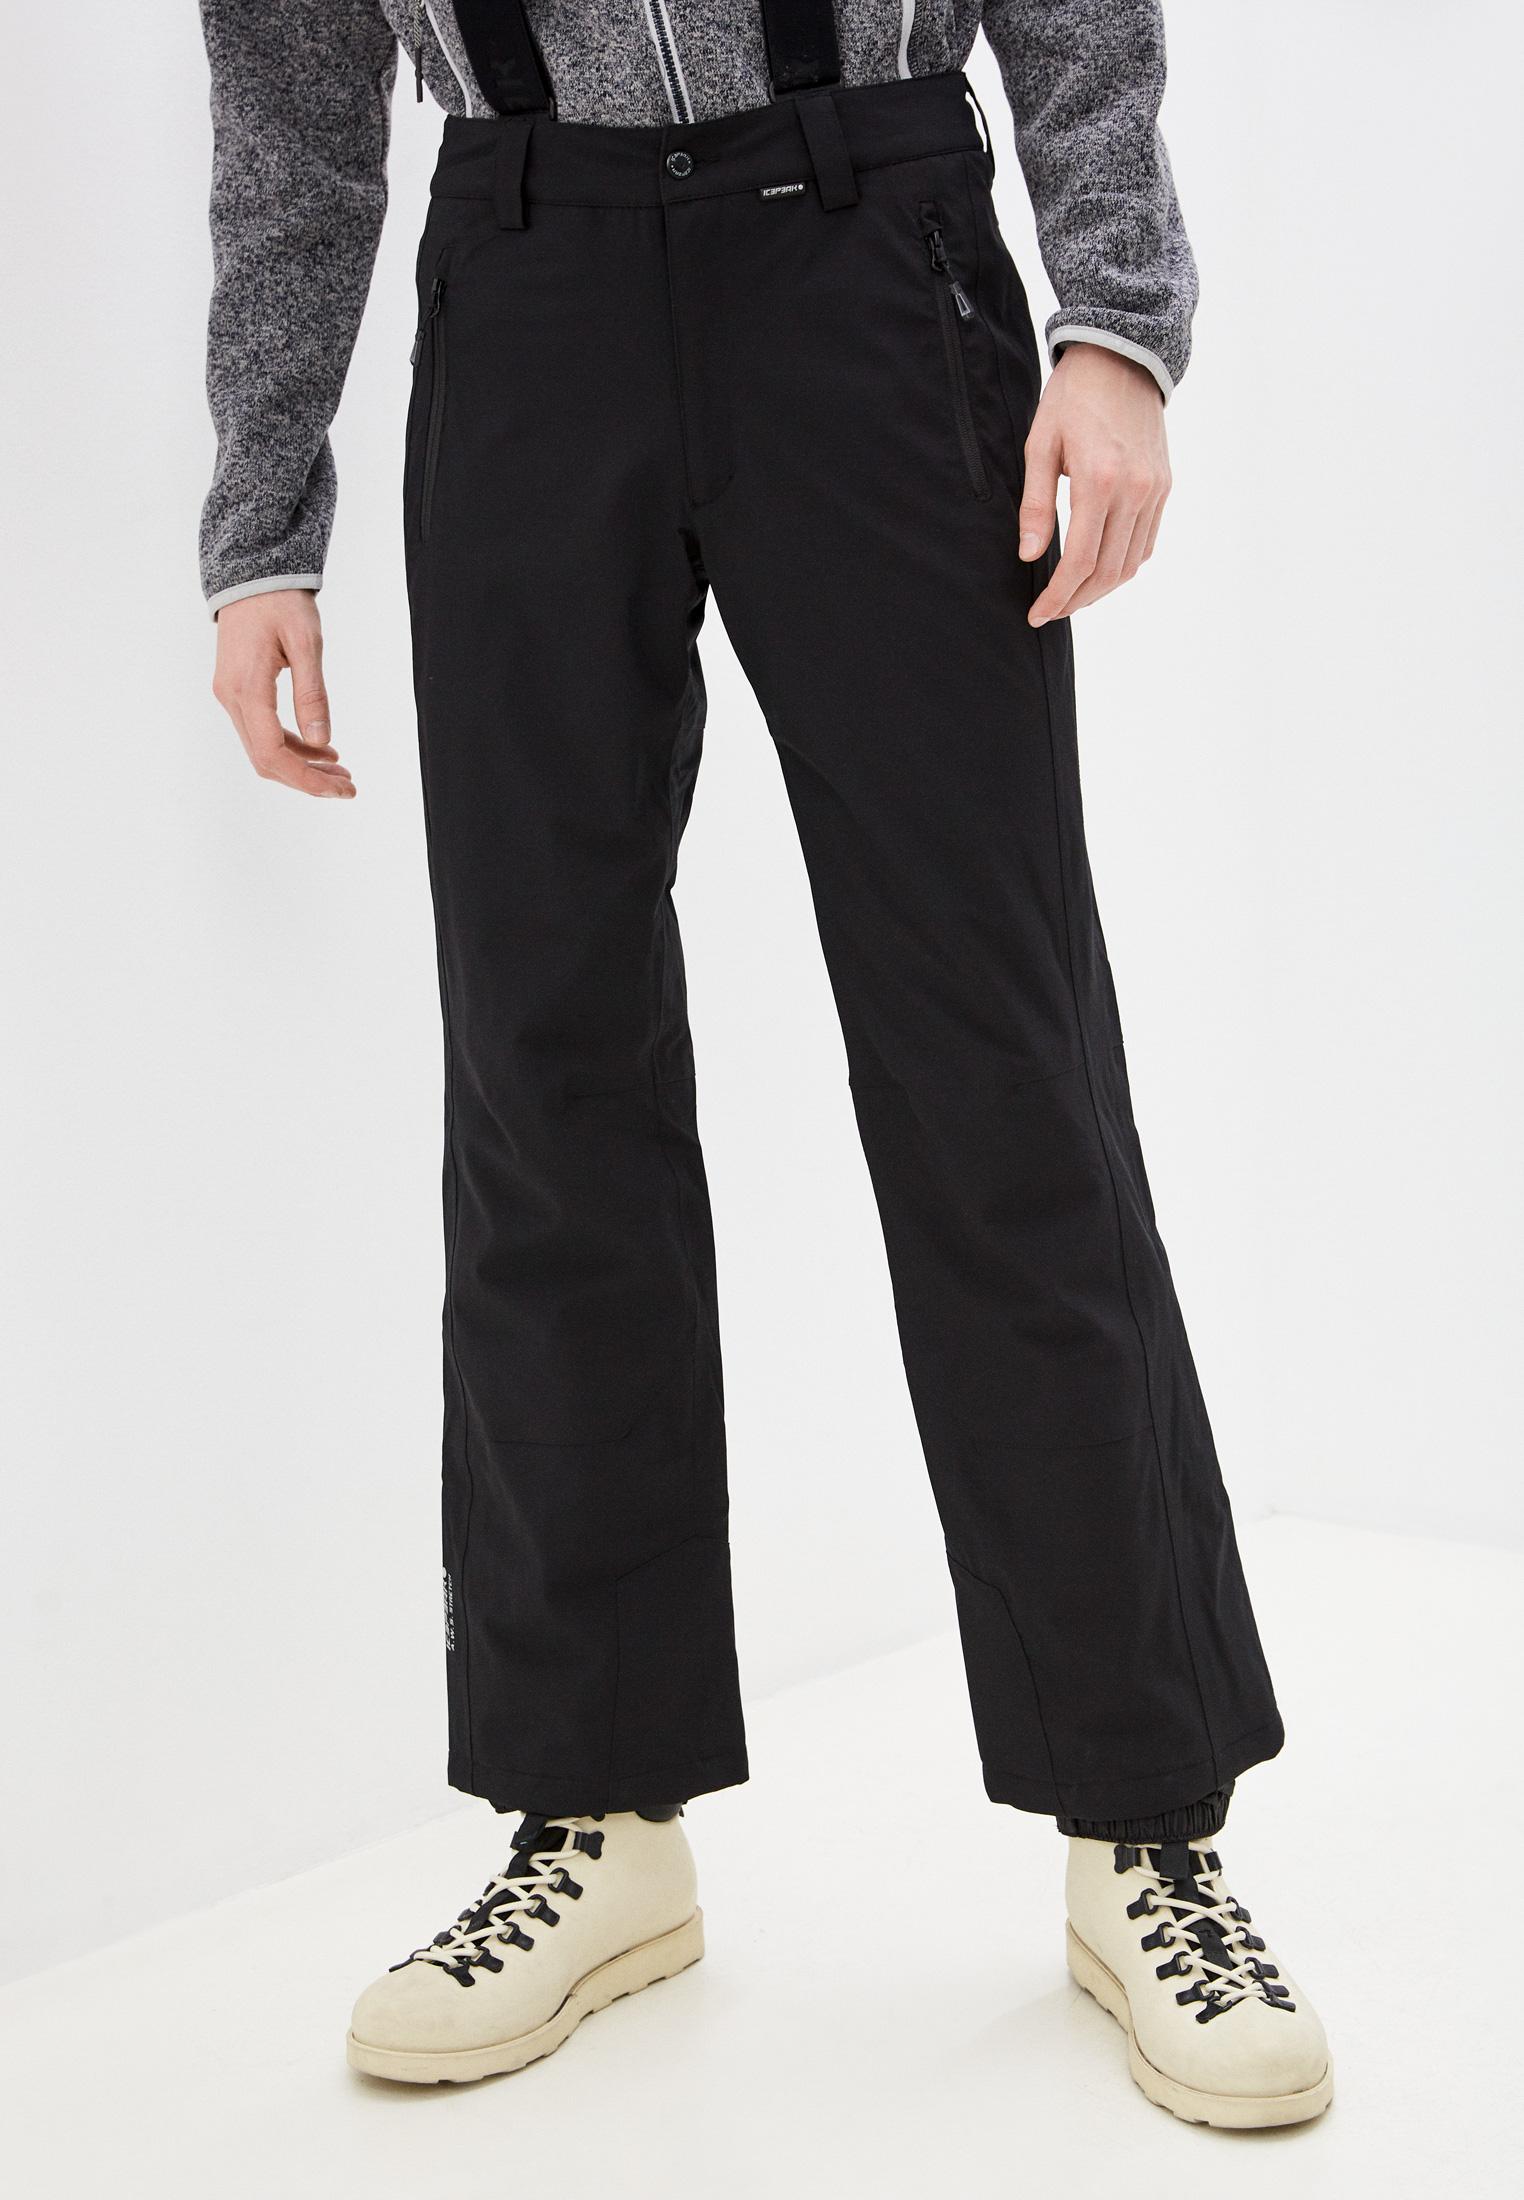 Мужские спортивные брюки Icepeak Брюки горнолыжные Icepeak